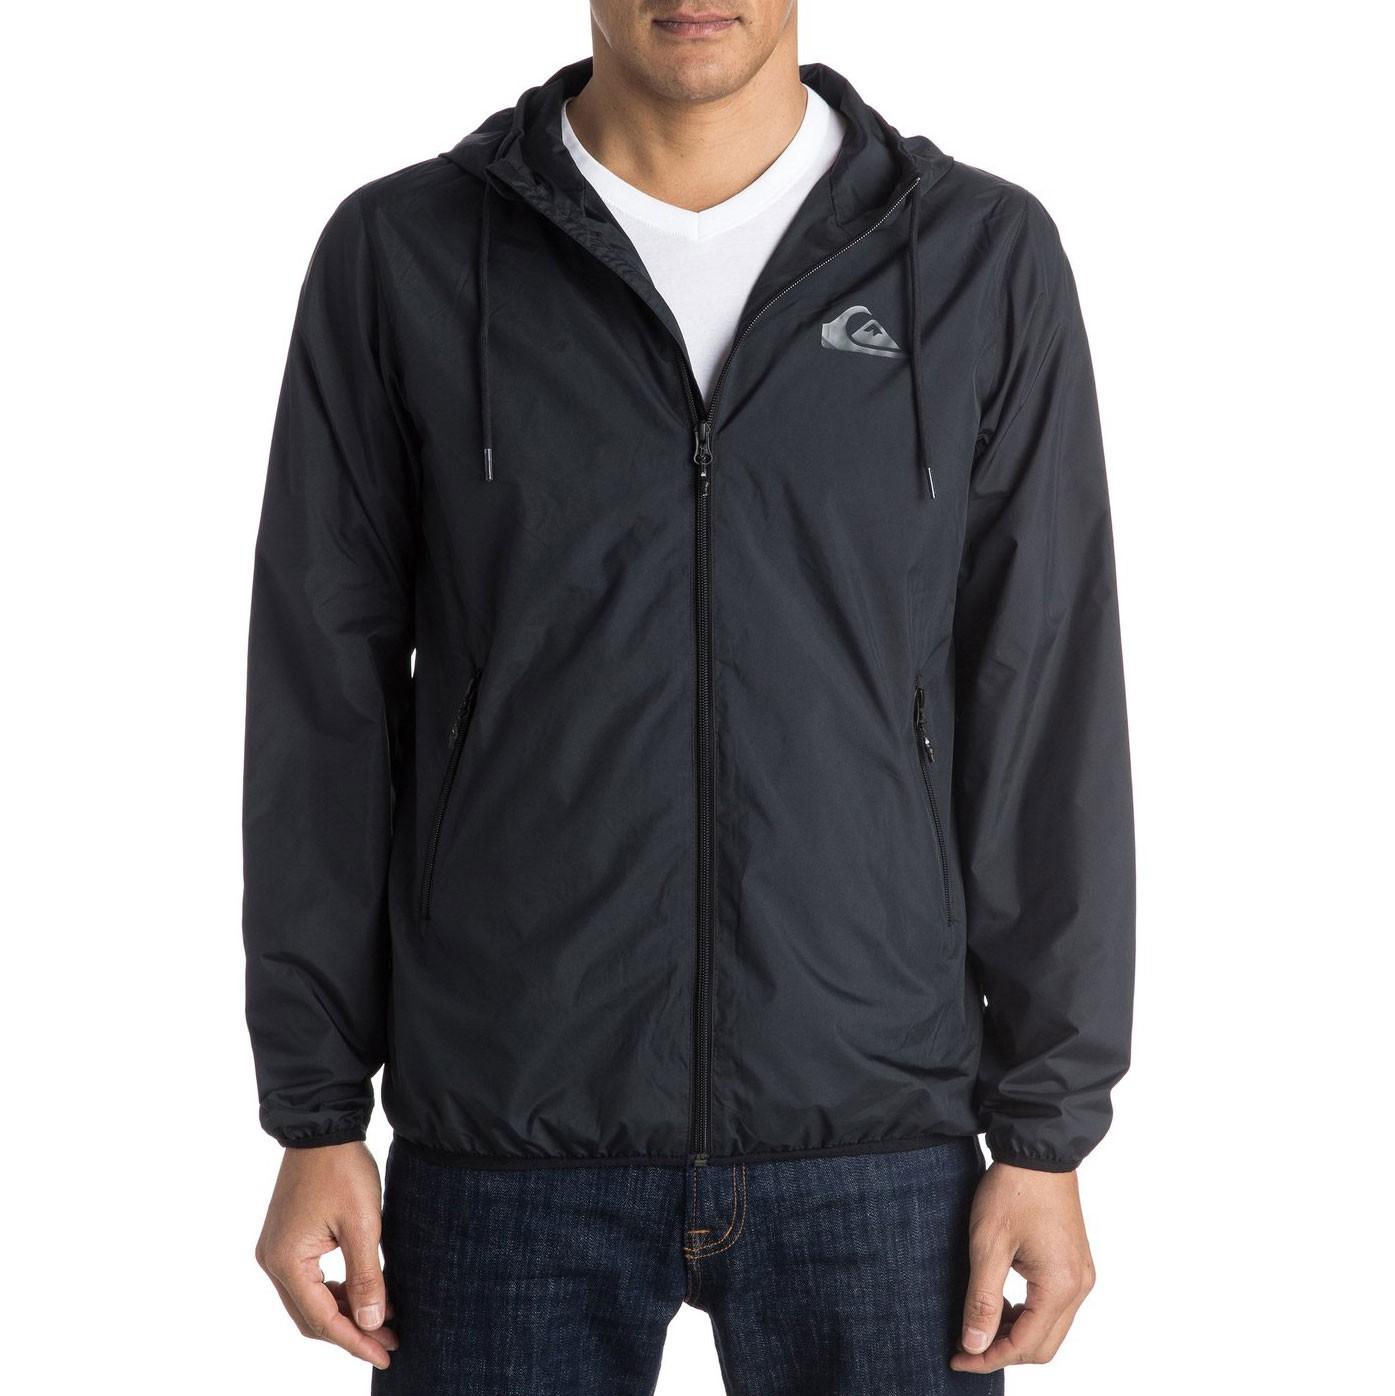 Street bunda Quiksilver Everyday Jacket black vel.XL 17 + doručení do 24 hodin